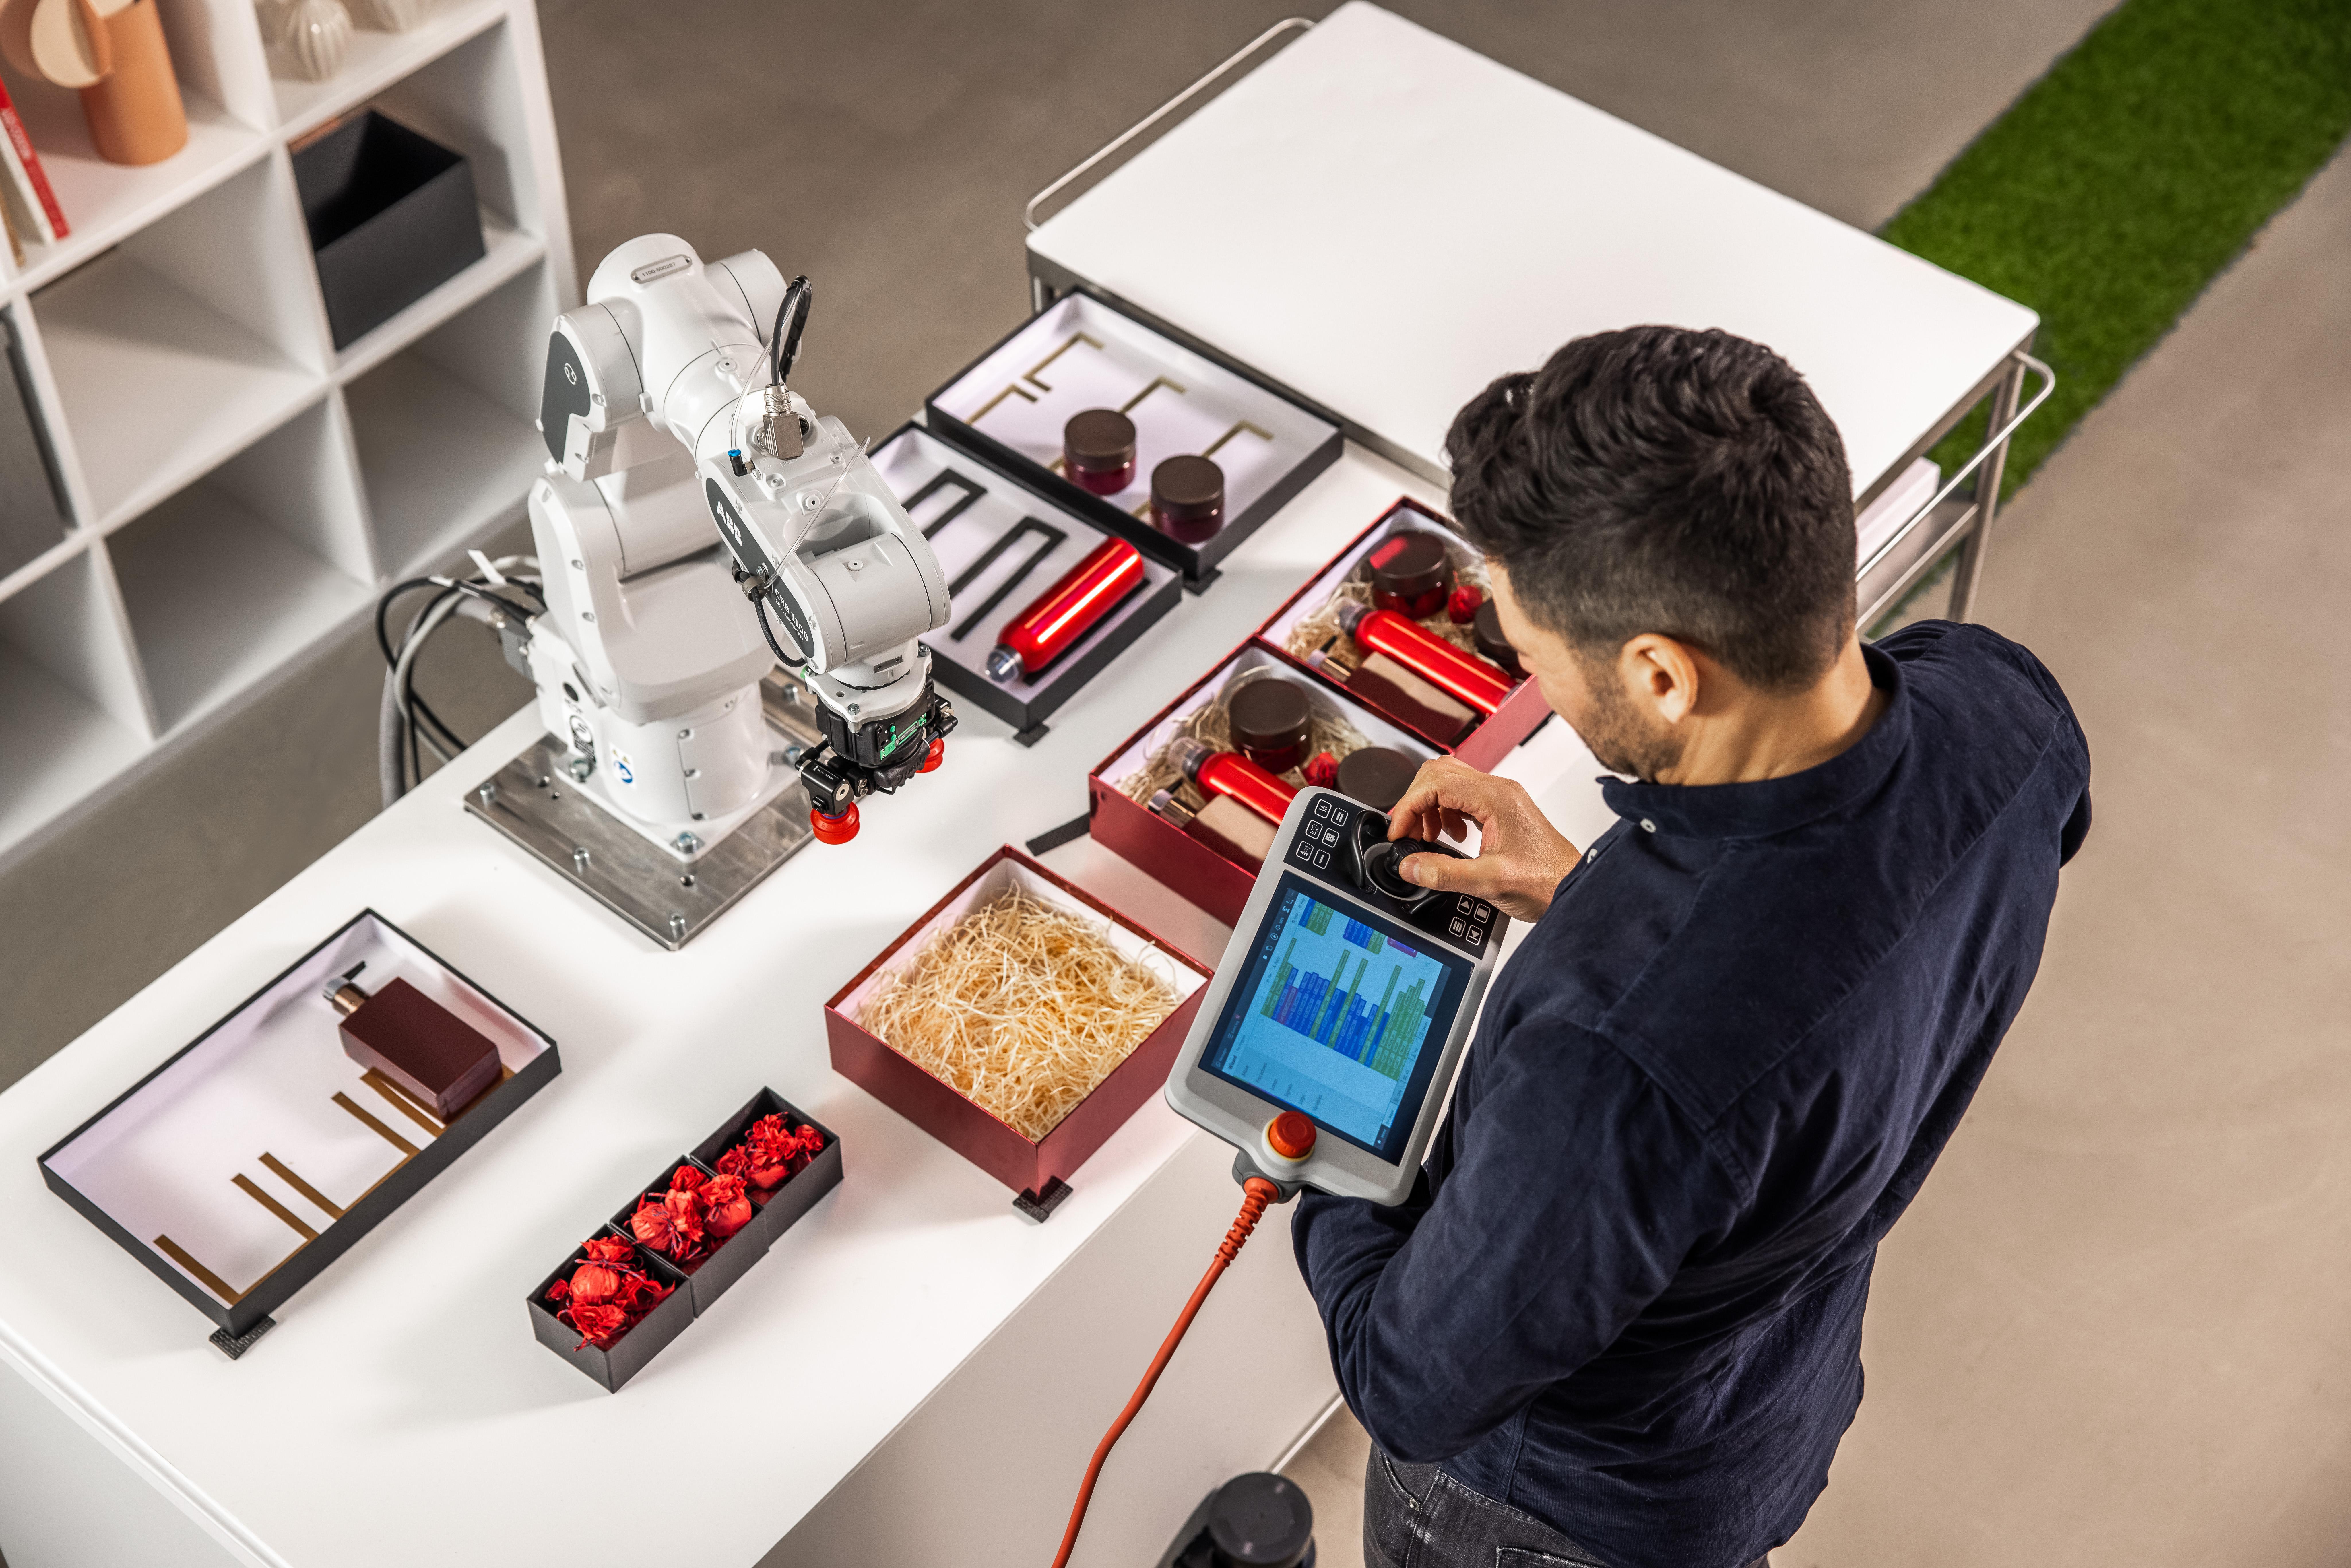 O robô pode ser operado pelos profissionais através de lógica de programação simplificada. Foto: Divulgação/ABB